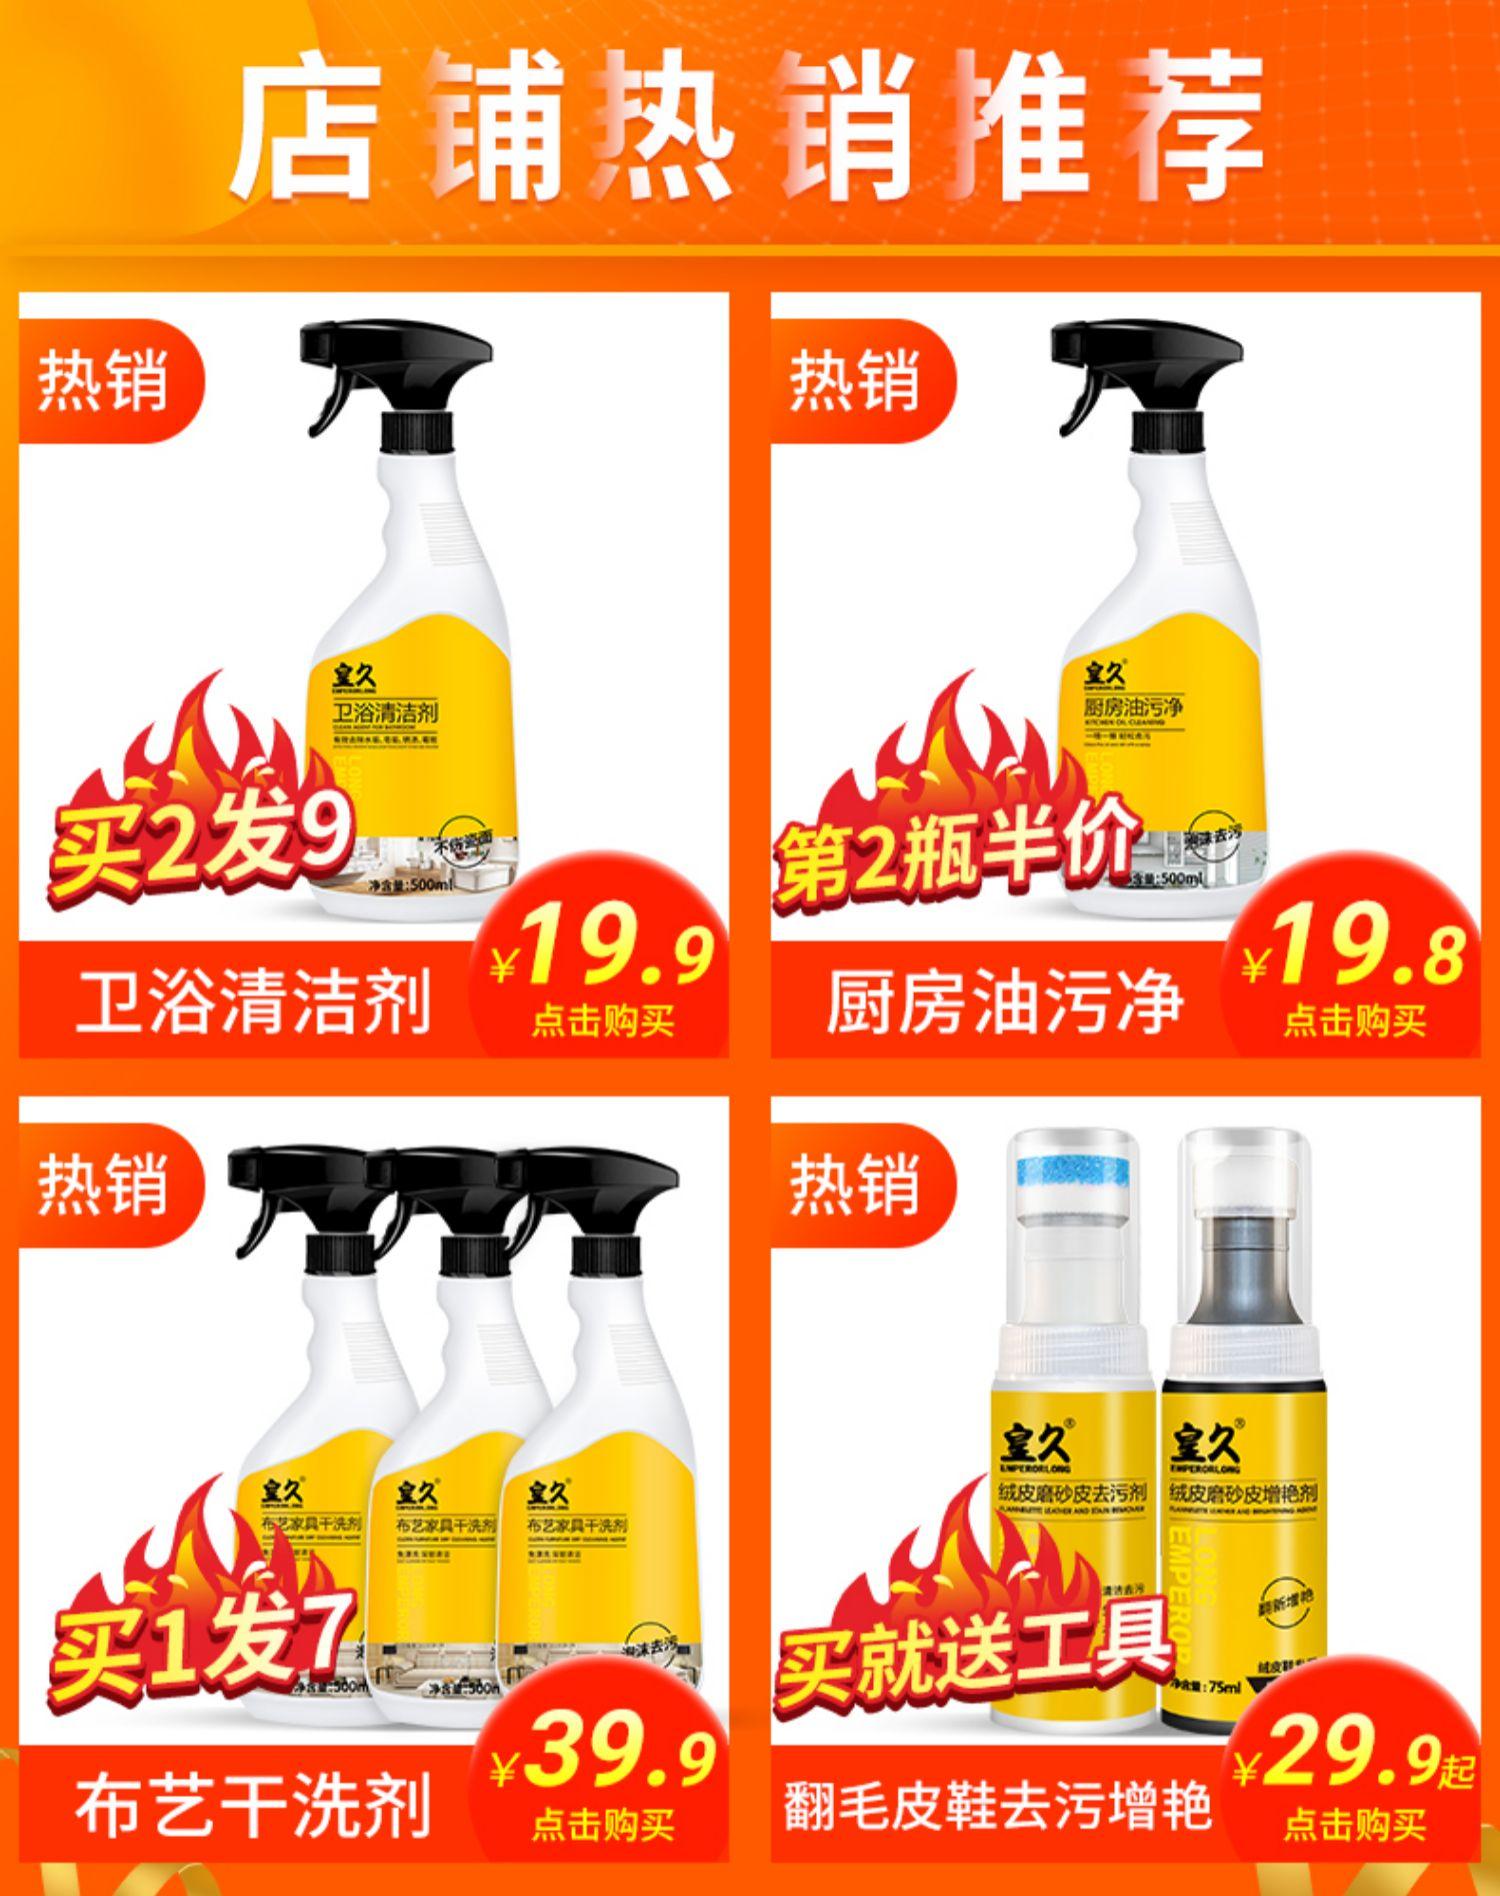 3瓶抽油烟机清洗剂厨房强力去重油污渍除垢神器油烟净泡沫清洁剂商品详情图